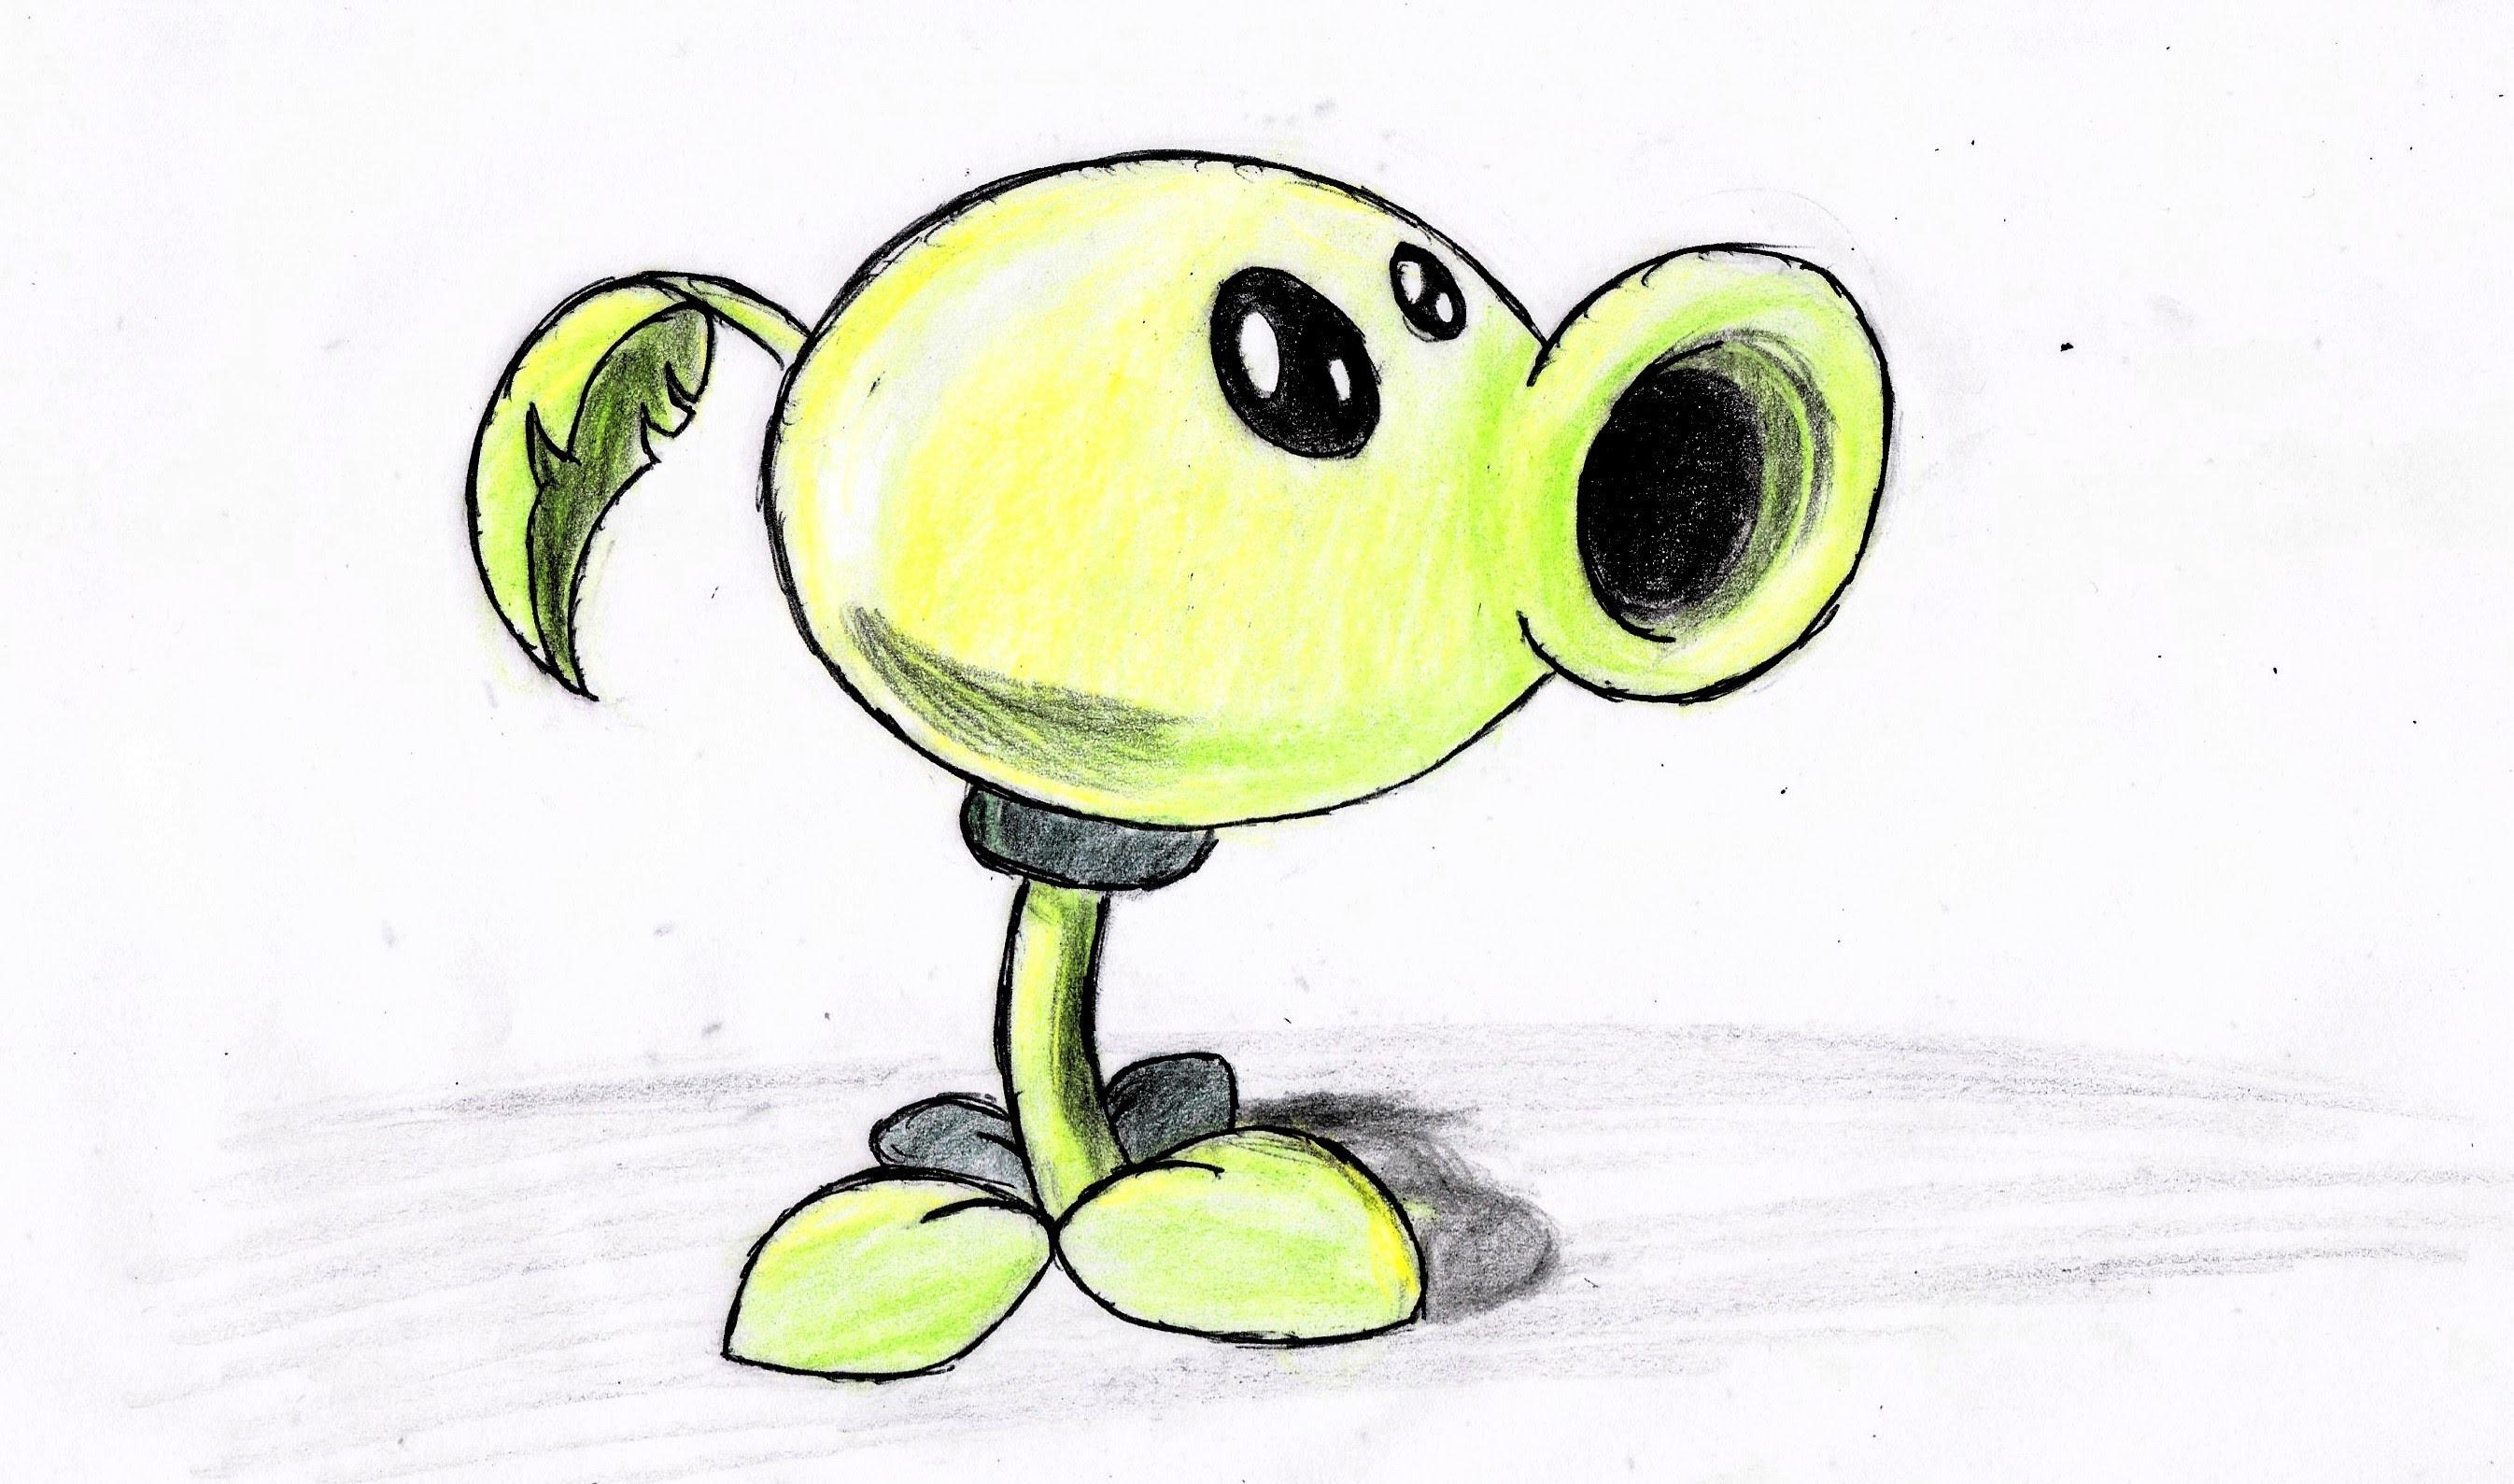 Como dibujar planta lanza guisantes paso a paso (plants vs zombies 2) | how to draw